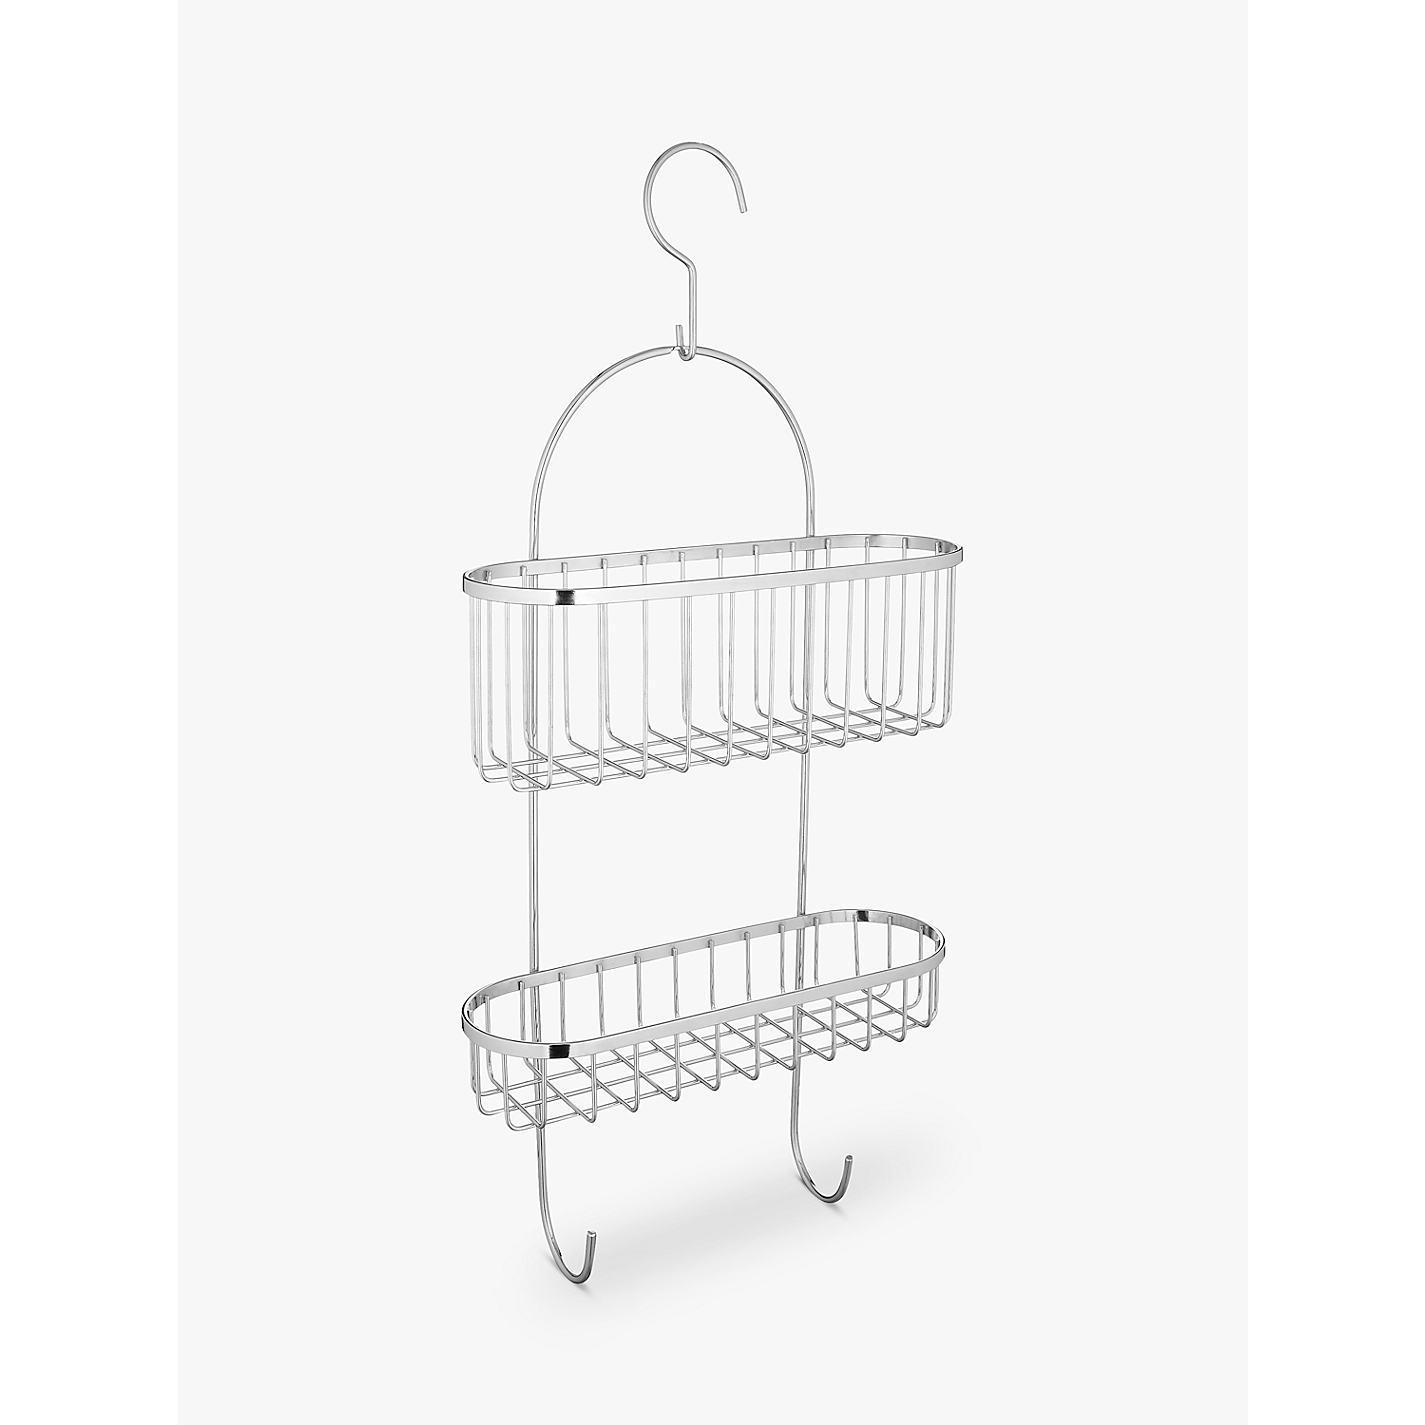 Buy John Lewis Shower Basket With Hooks Online At Johnlewis.com ...